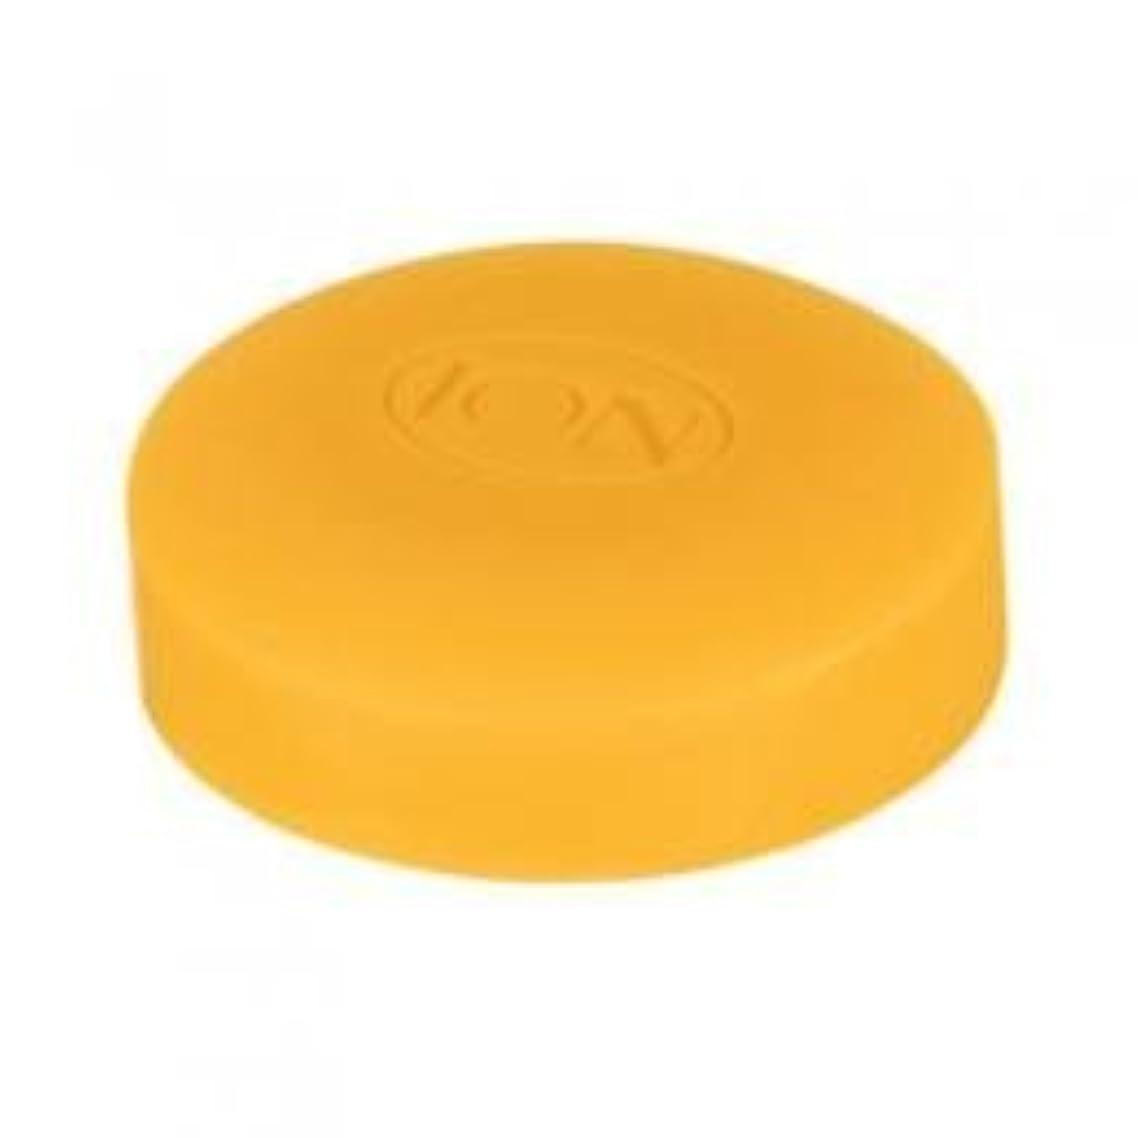 デンプシー安定した落ち着くイオン化粧品 イオンソープ 73g×2個